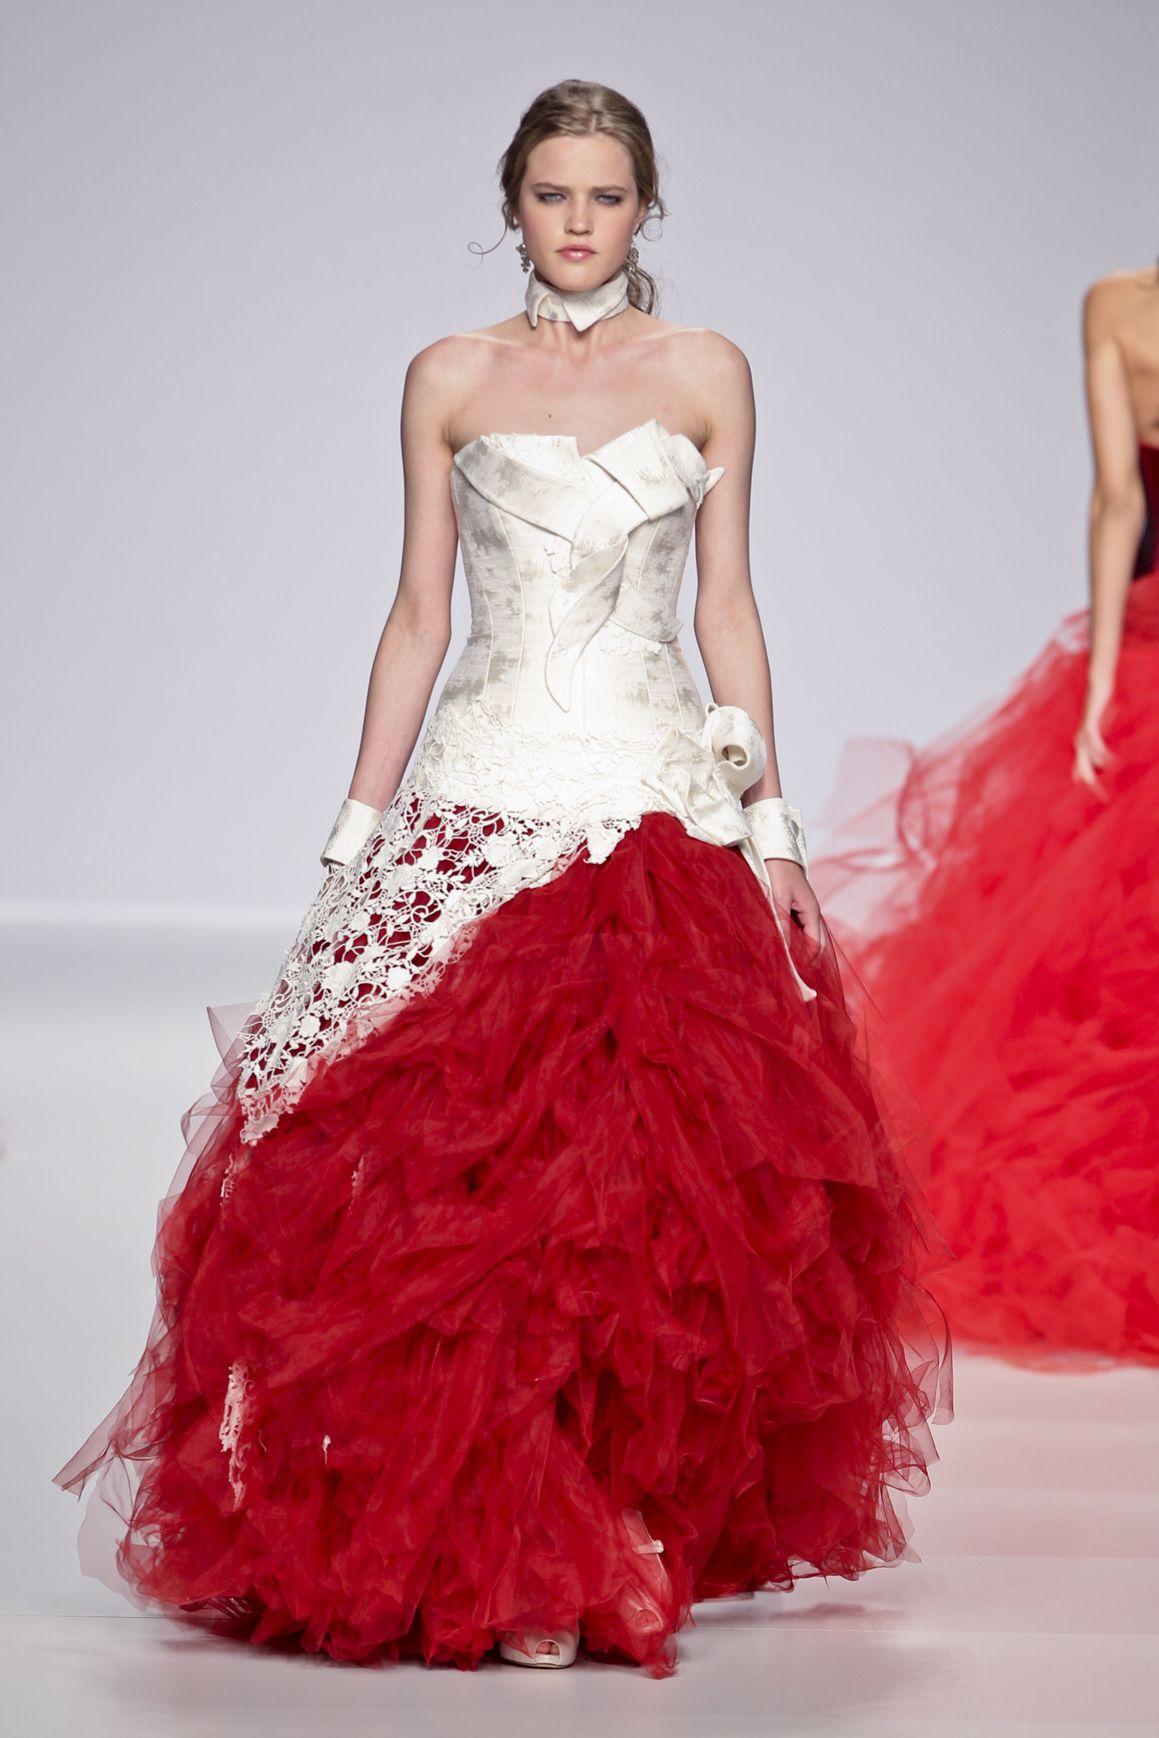 4d4e4d9e4187 Abiti da sposa rossi 2014 – Modelli alla moda di abiti 2018